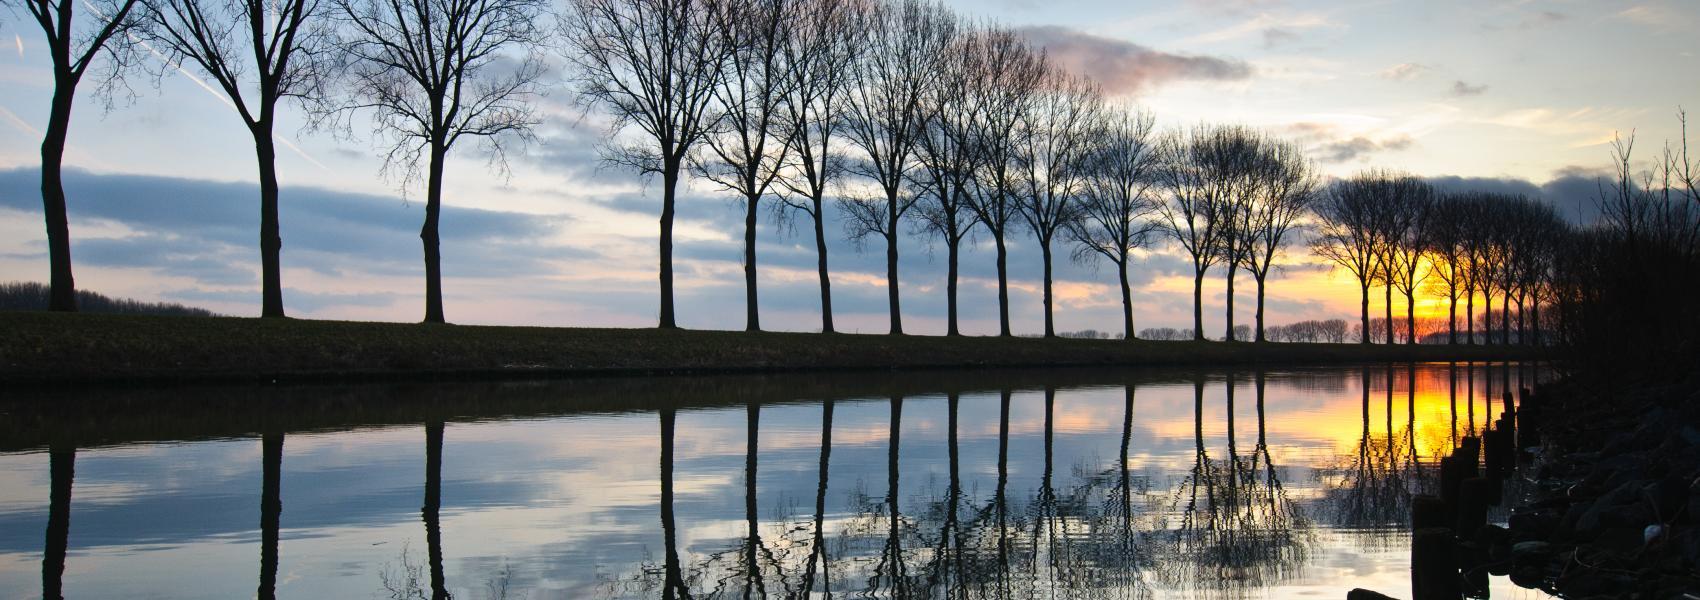 zicht op het water bij zonsondergang